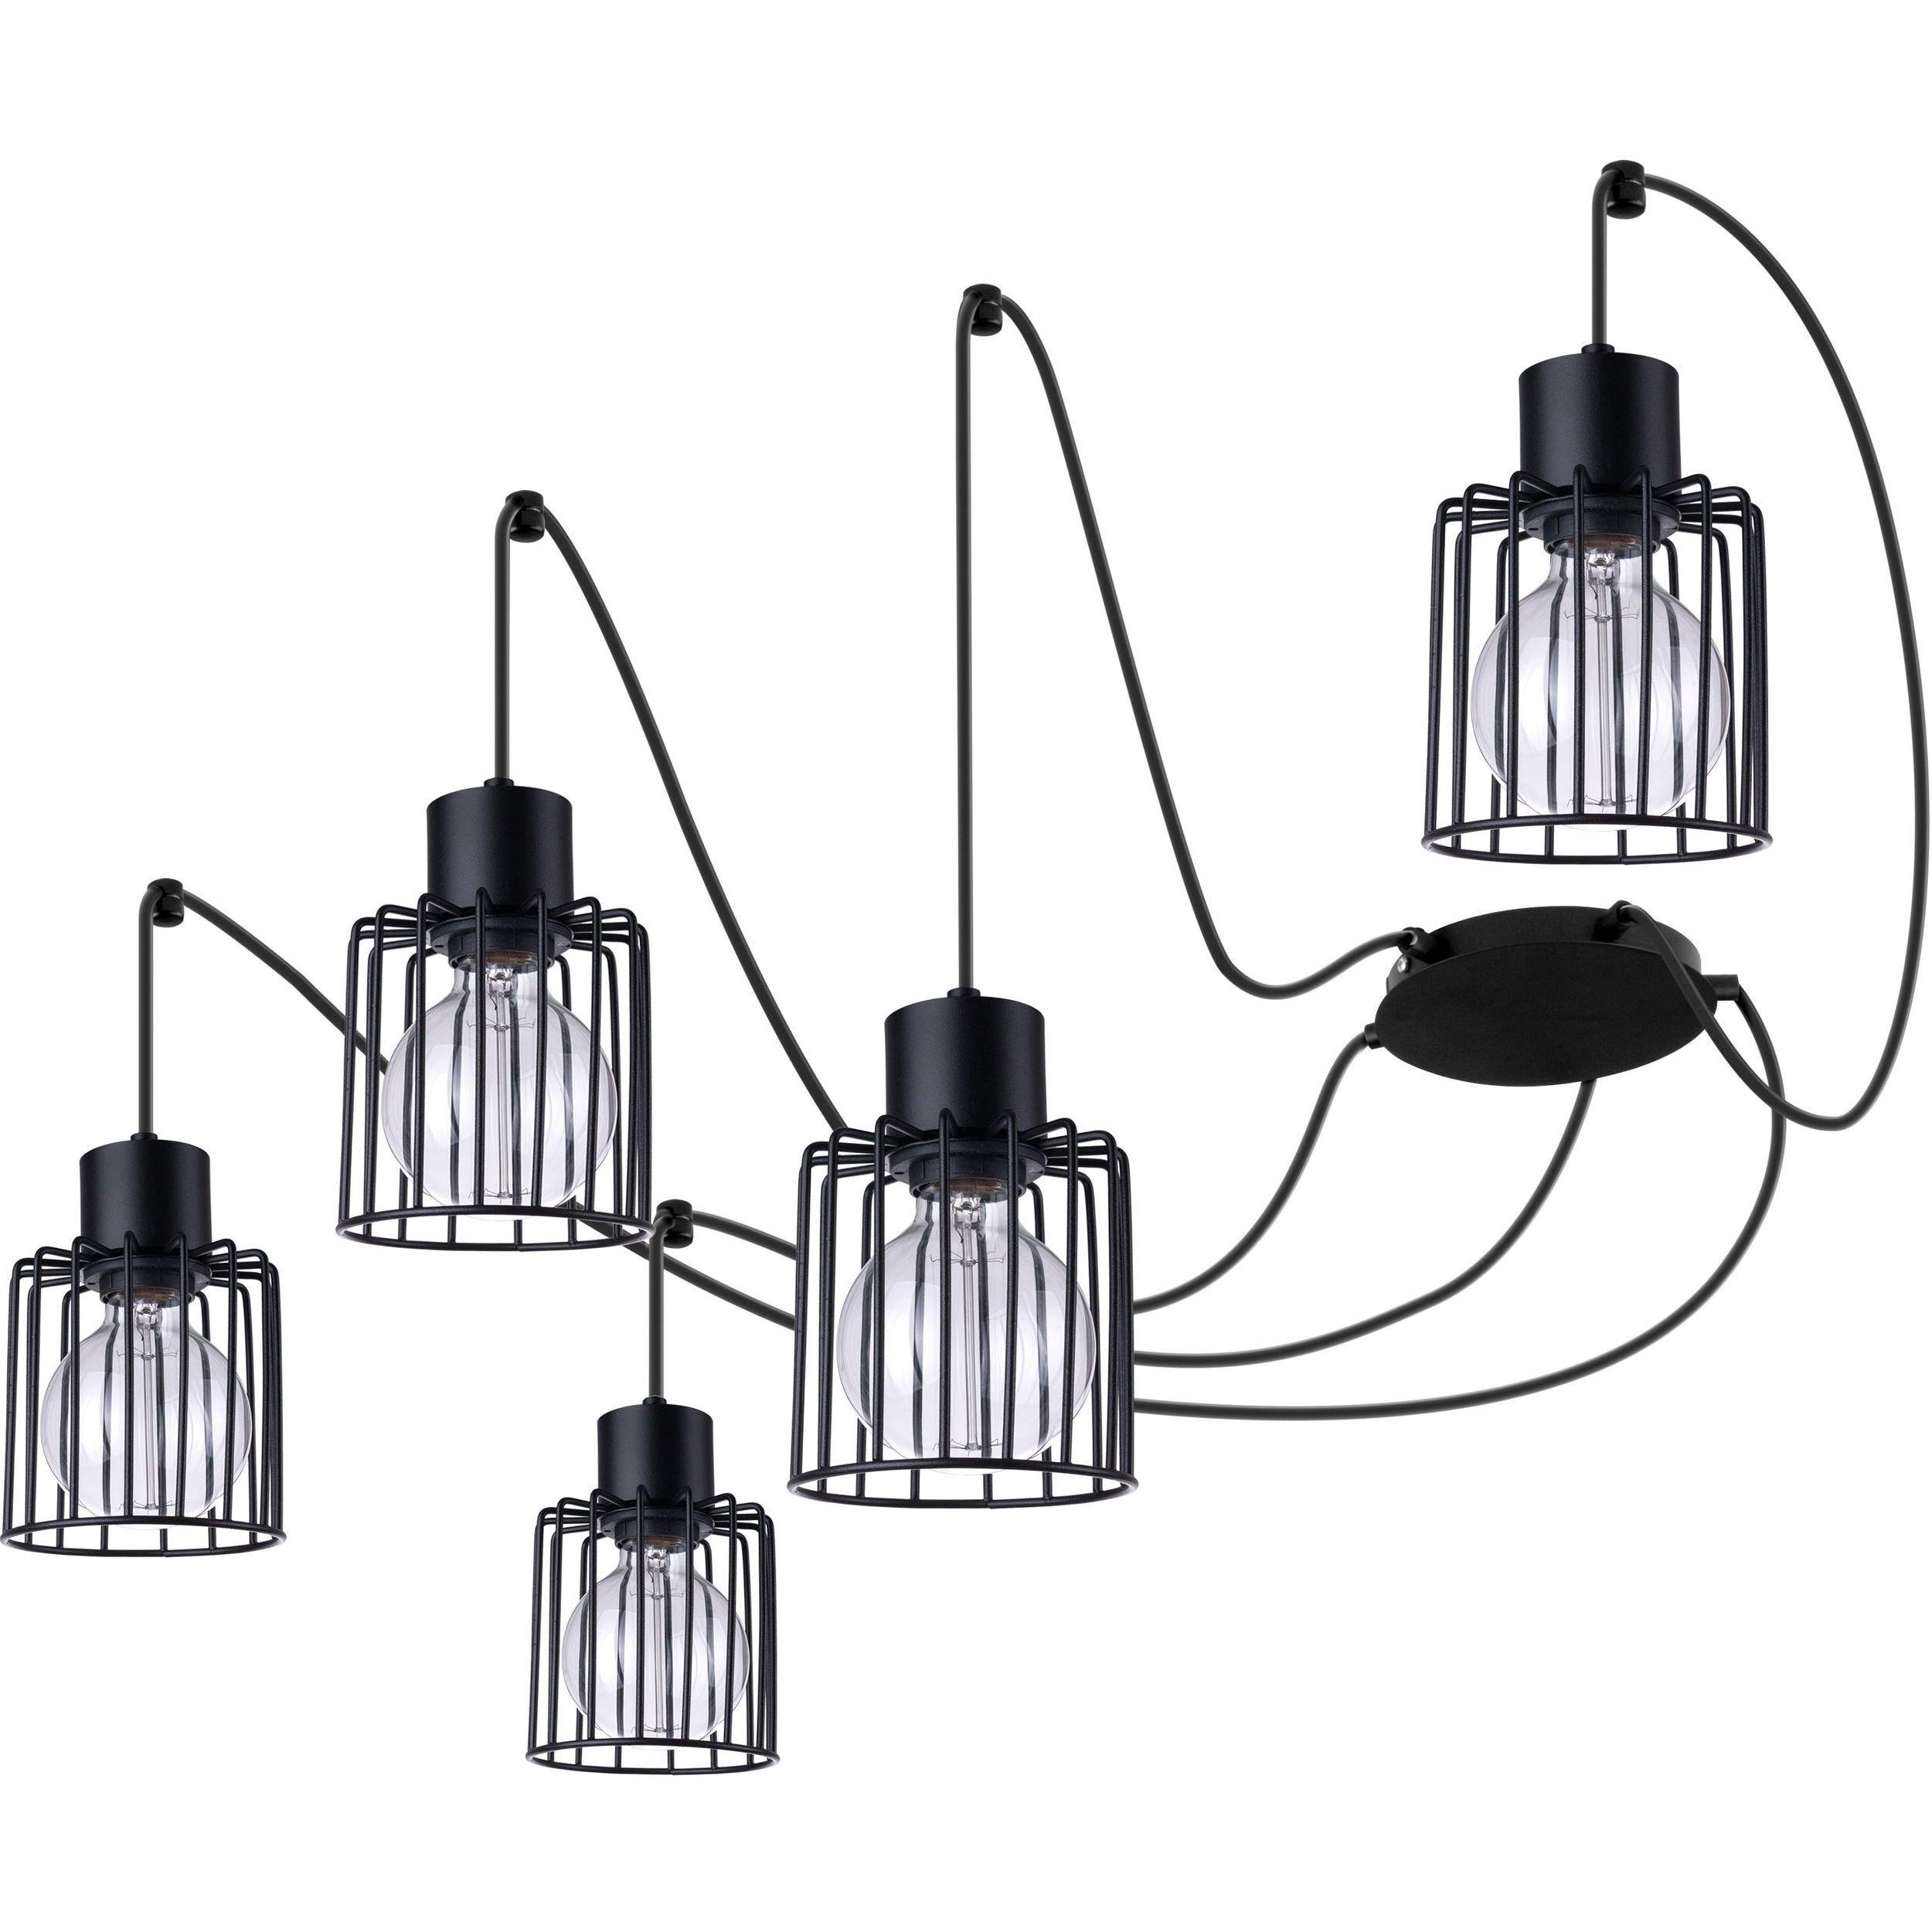 Lampa podwieszana Sigma Luto Kwadrat x5 Czarny